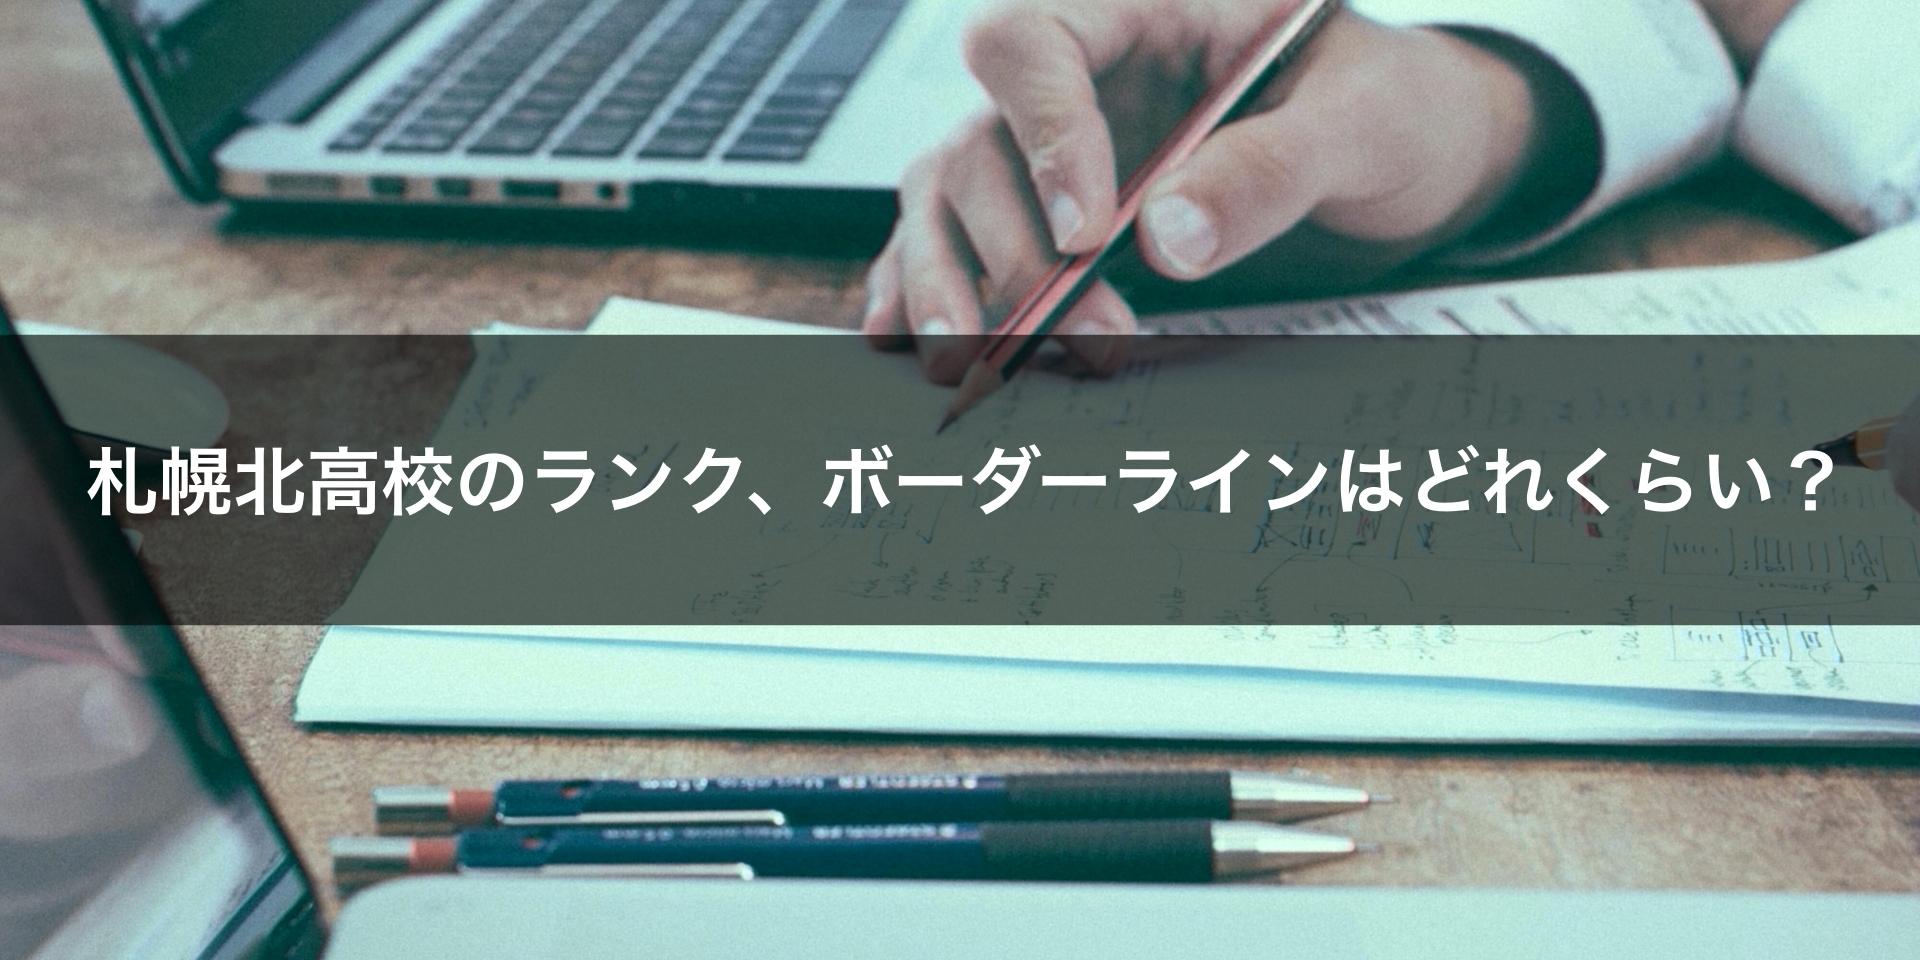 札幌北高校のランク、ボーダーラインはどれくらい?